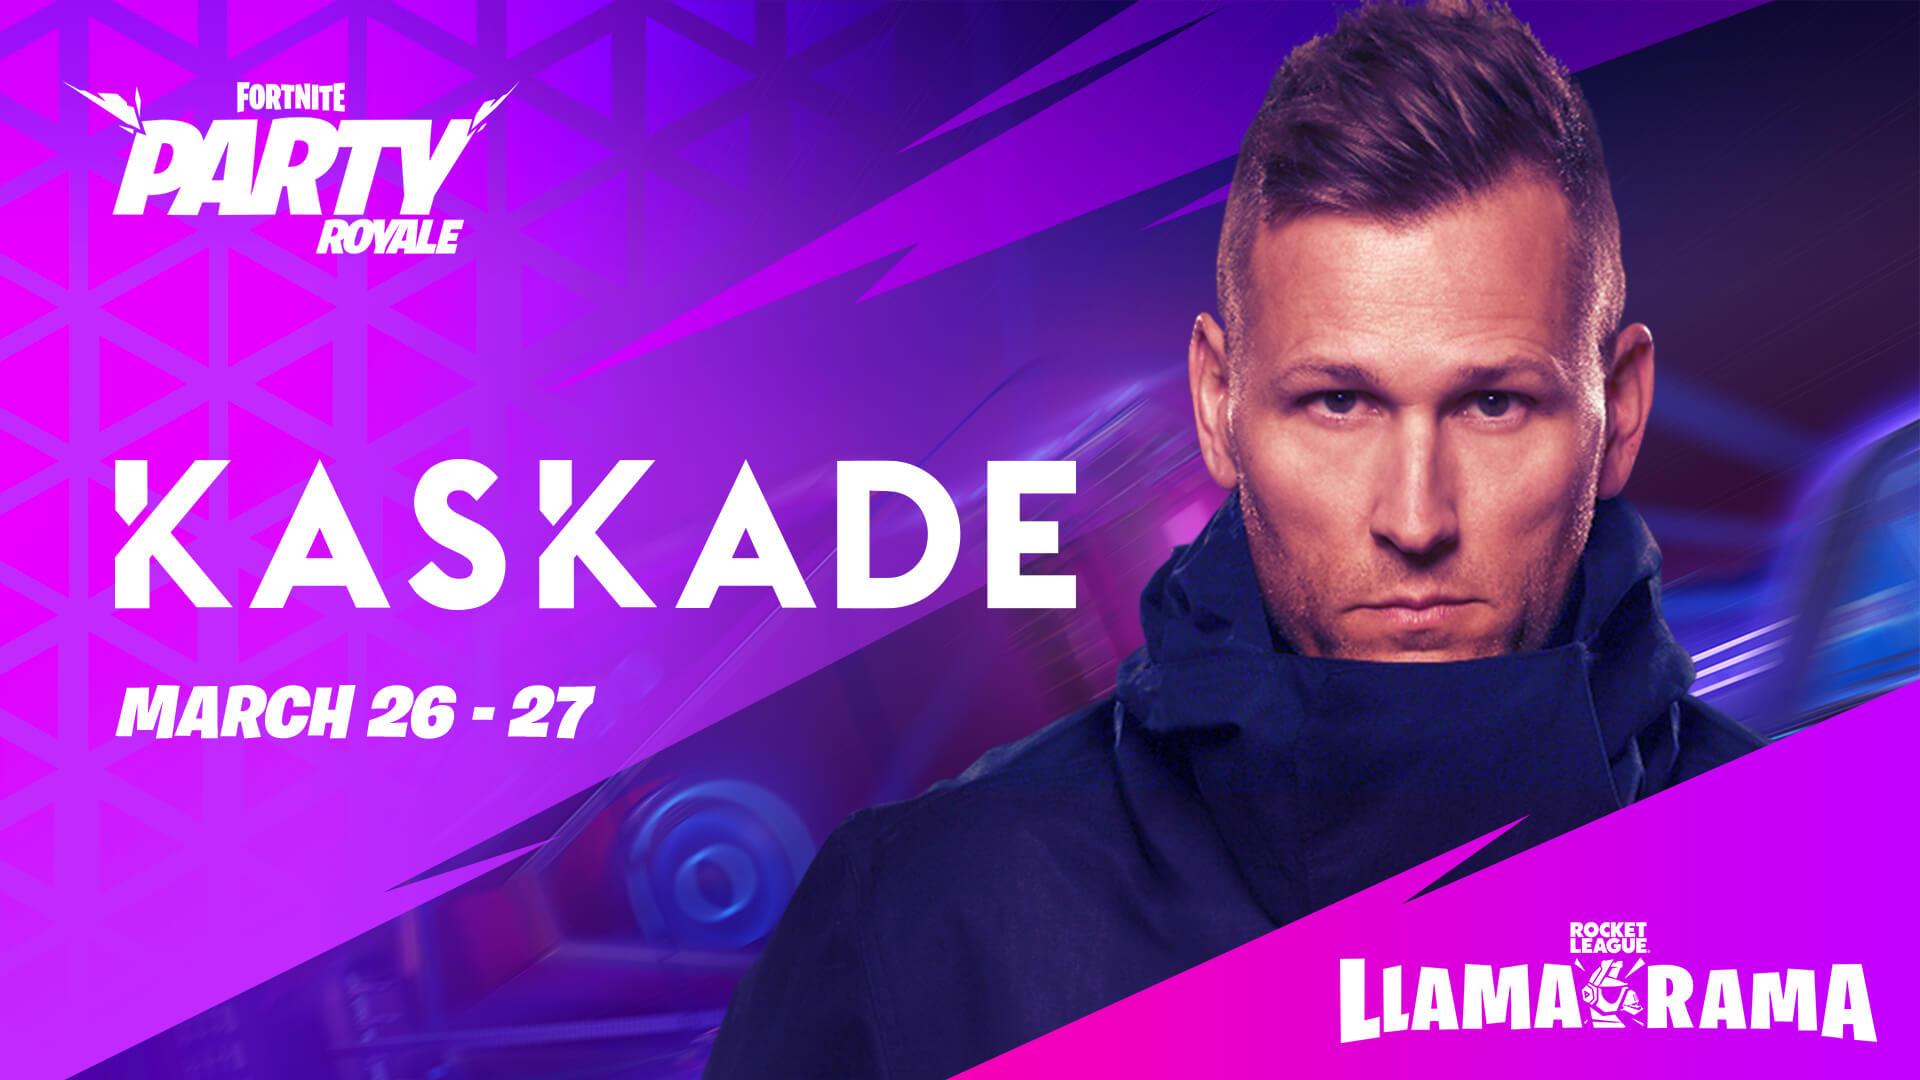 Kaskade fará show no Fortnite neste fim de semana